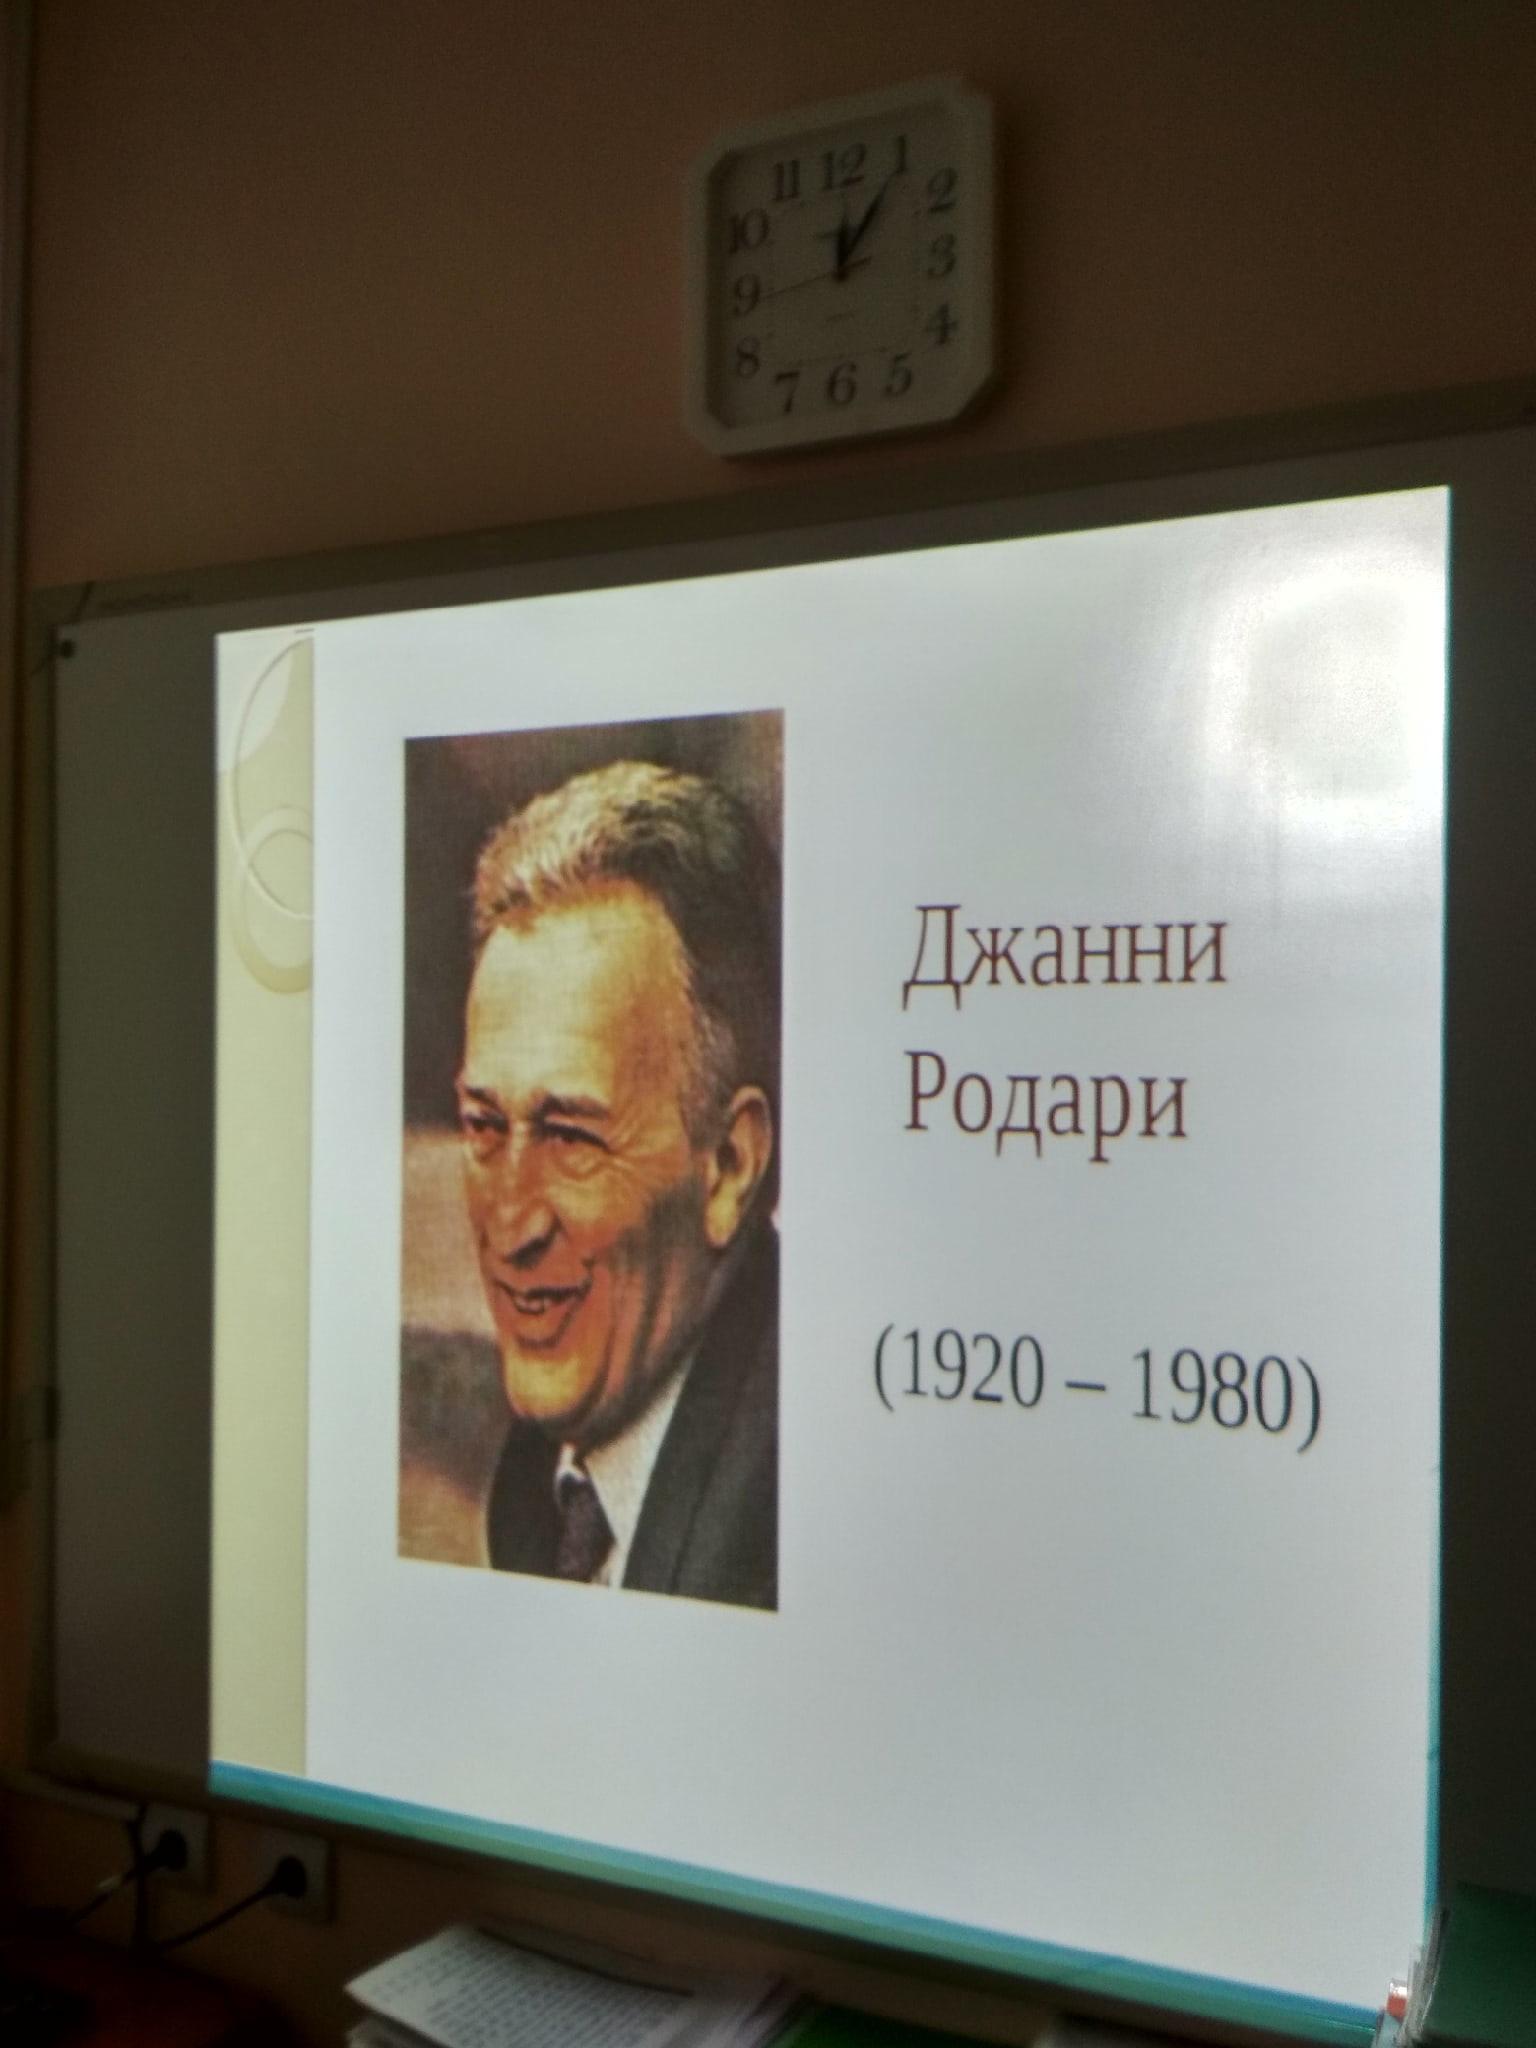 Дж. Родари